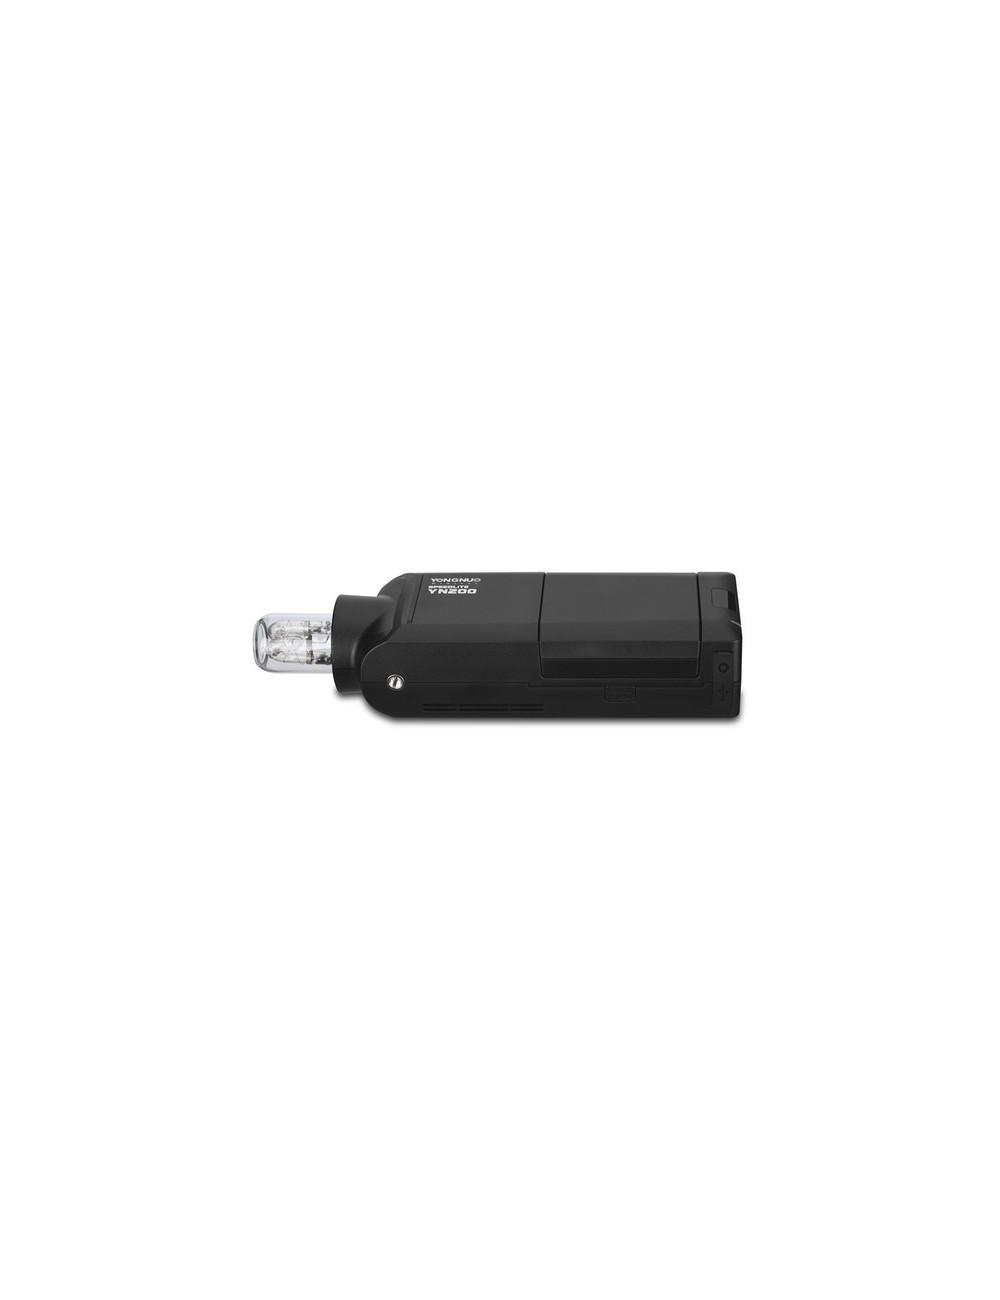 Micrófono BOYA BY-LM20 Lavalier para Cámaras, Grabadoras de audio o Gopro